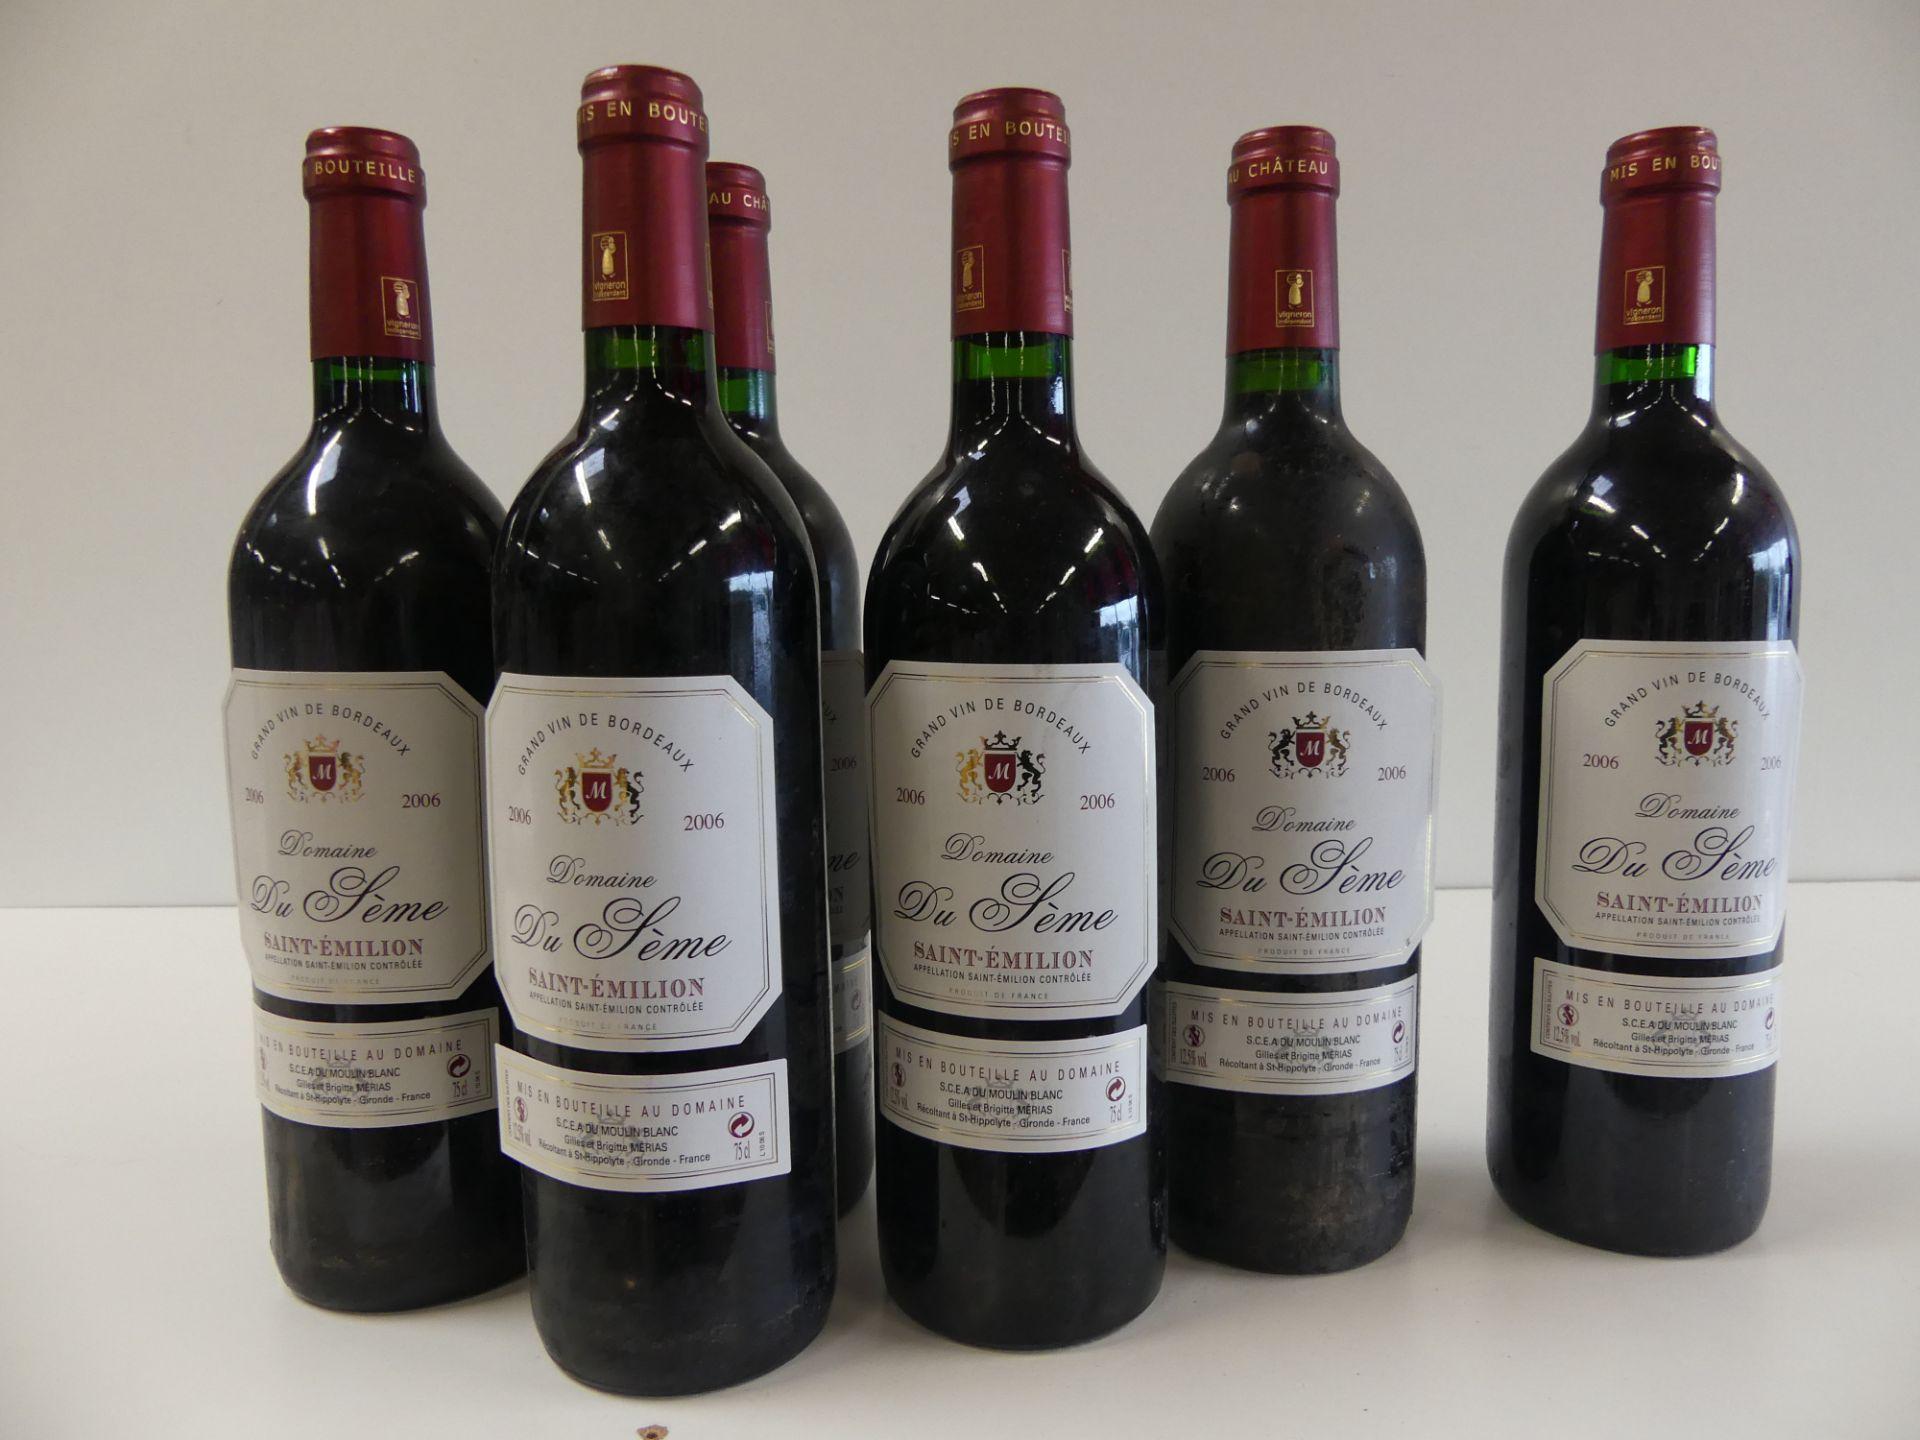 Los 48 - 6 Domaine du Sème St Emilion SCEA du Moulin Blanc 2006 -